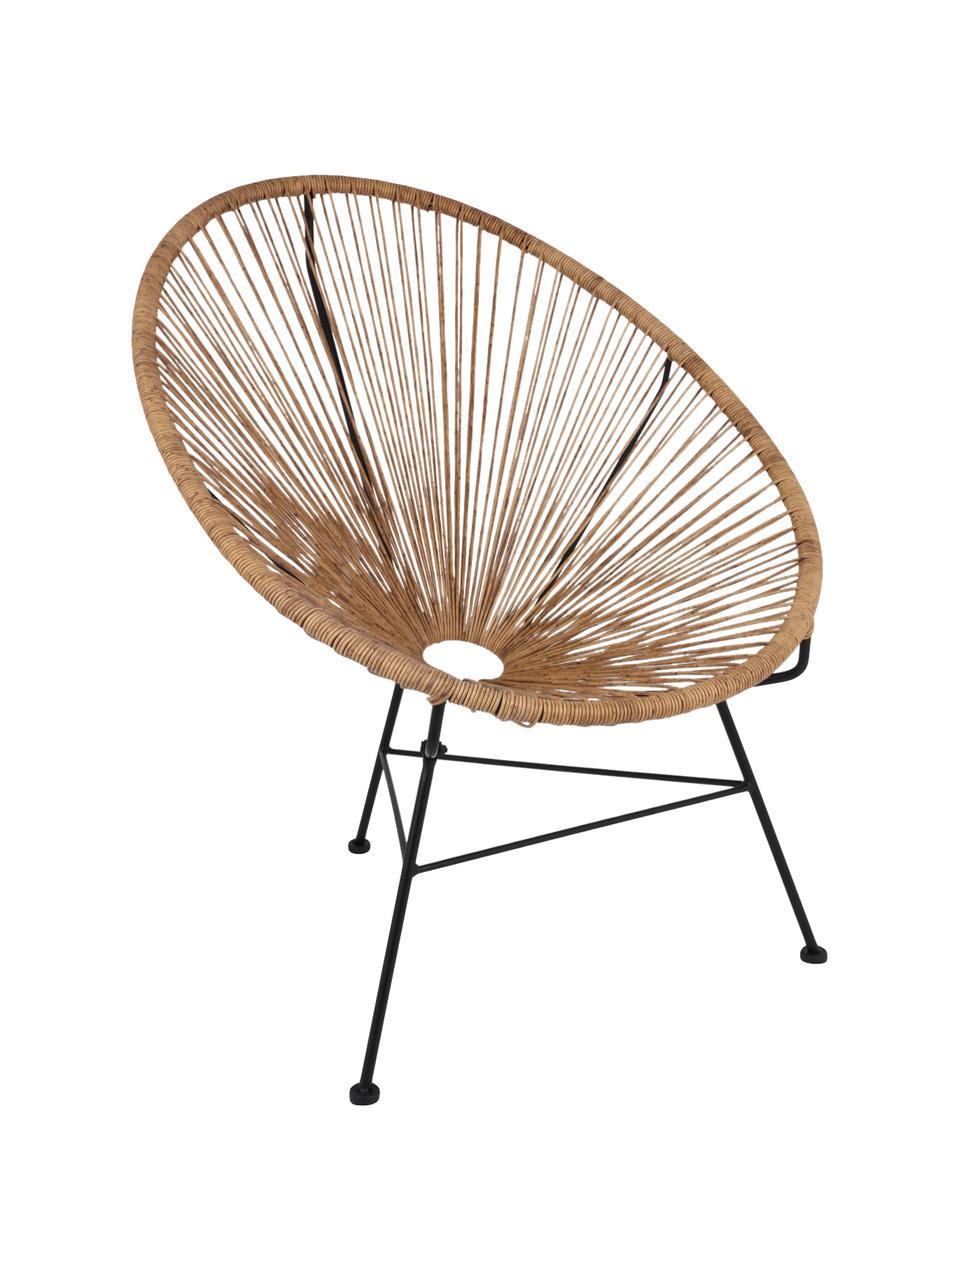 Sedia a poltrona intrecciata Bahia, Seduta: materiale sintetico, Struttura: metallo verniciato a polv, Beige, Larg. 81 x Prof. 73 cm